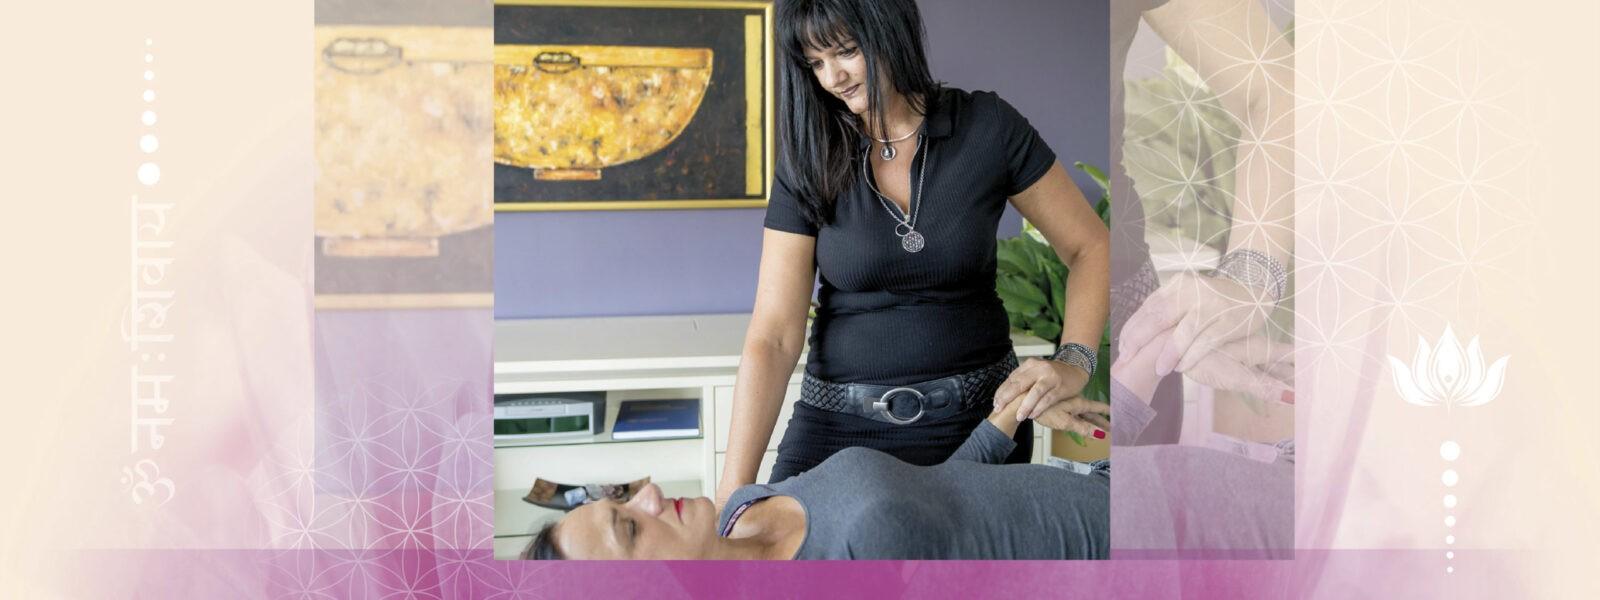 Kinesiologin Santarama - Kinesiologie ist eine energetische Methode um die Balance für Körper, Geist und Seele herzustellen